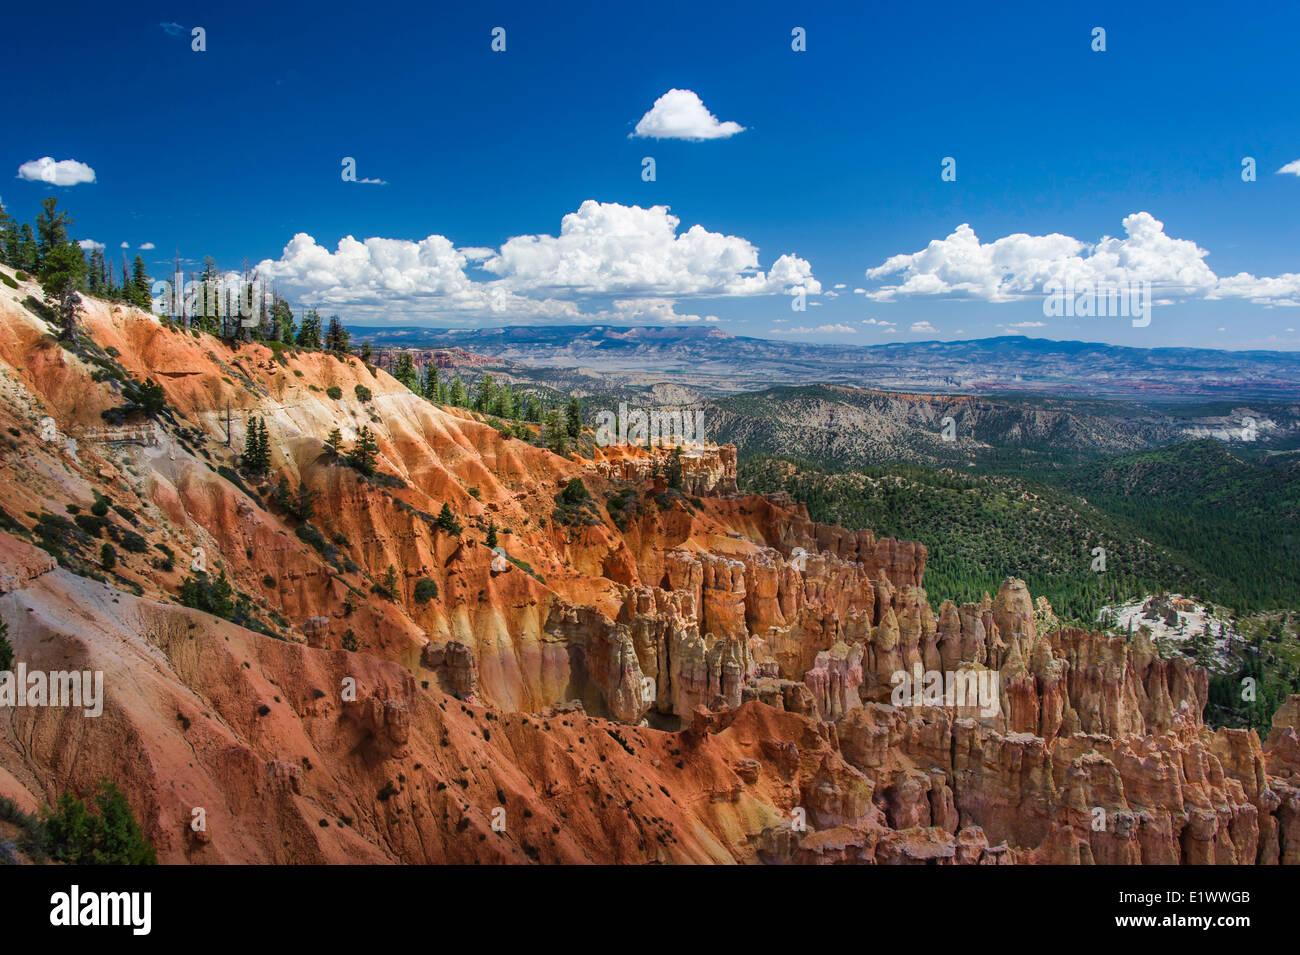 Fotografía de paisaje en el Cañón Bryce Utah fotografía artística Foto de stock